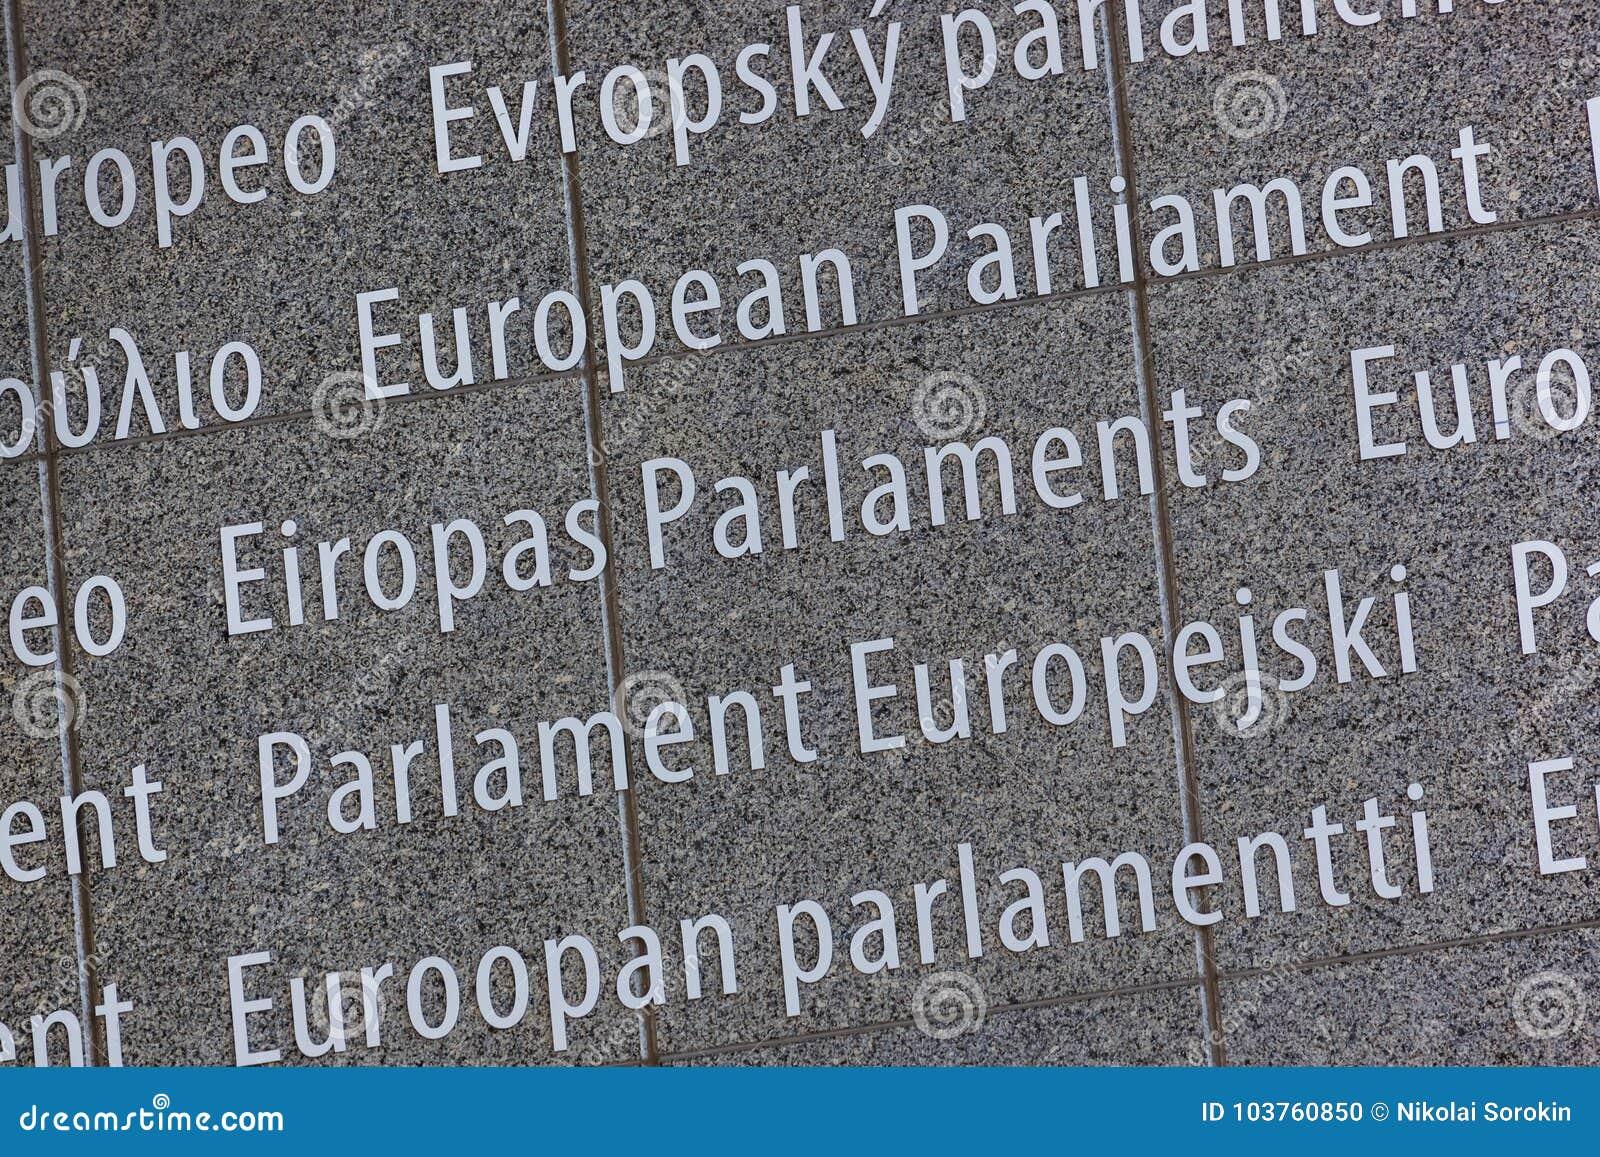 Επιγραφή στο κτήριο του Ευρωπαϊκού Κοινοβουλίου - Βρυξέλλες Βέλγιο